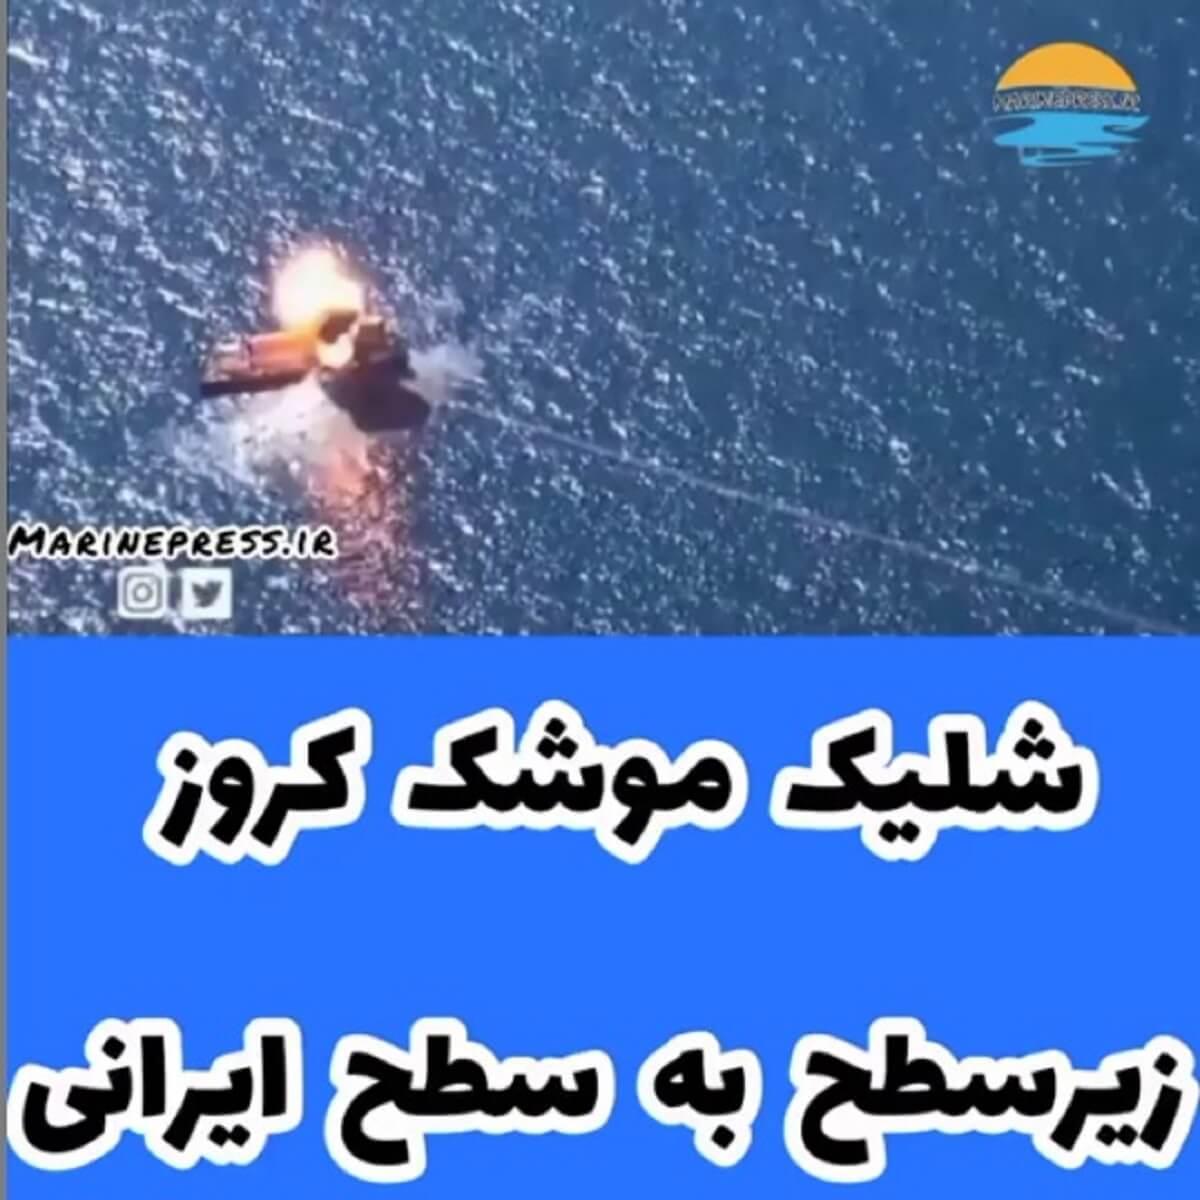 فیلم جدید از شلیک موشک کروز زیرسطح به سطح ایرانی